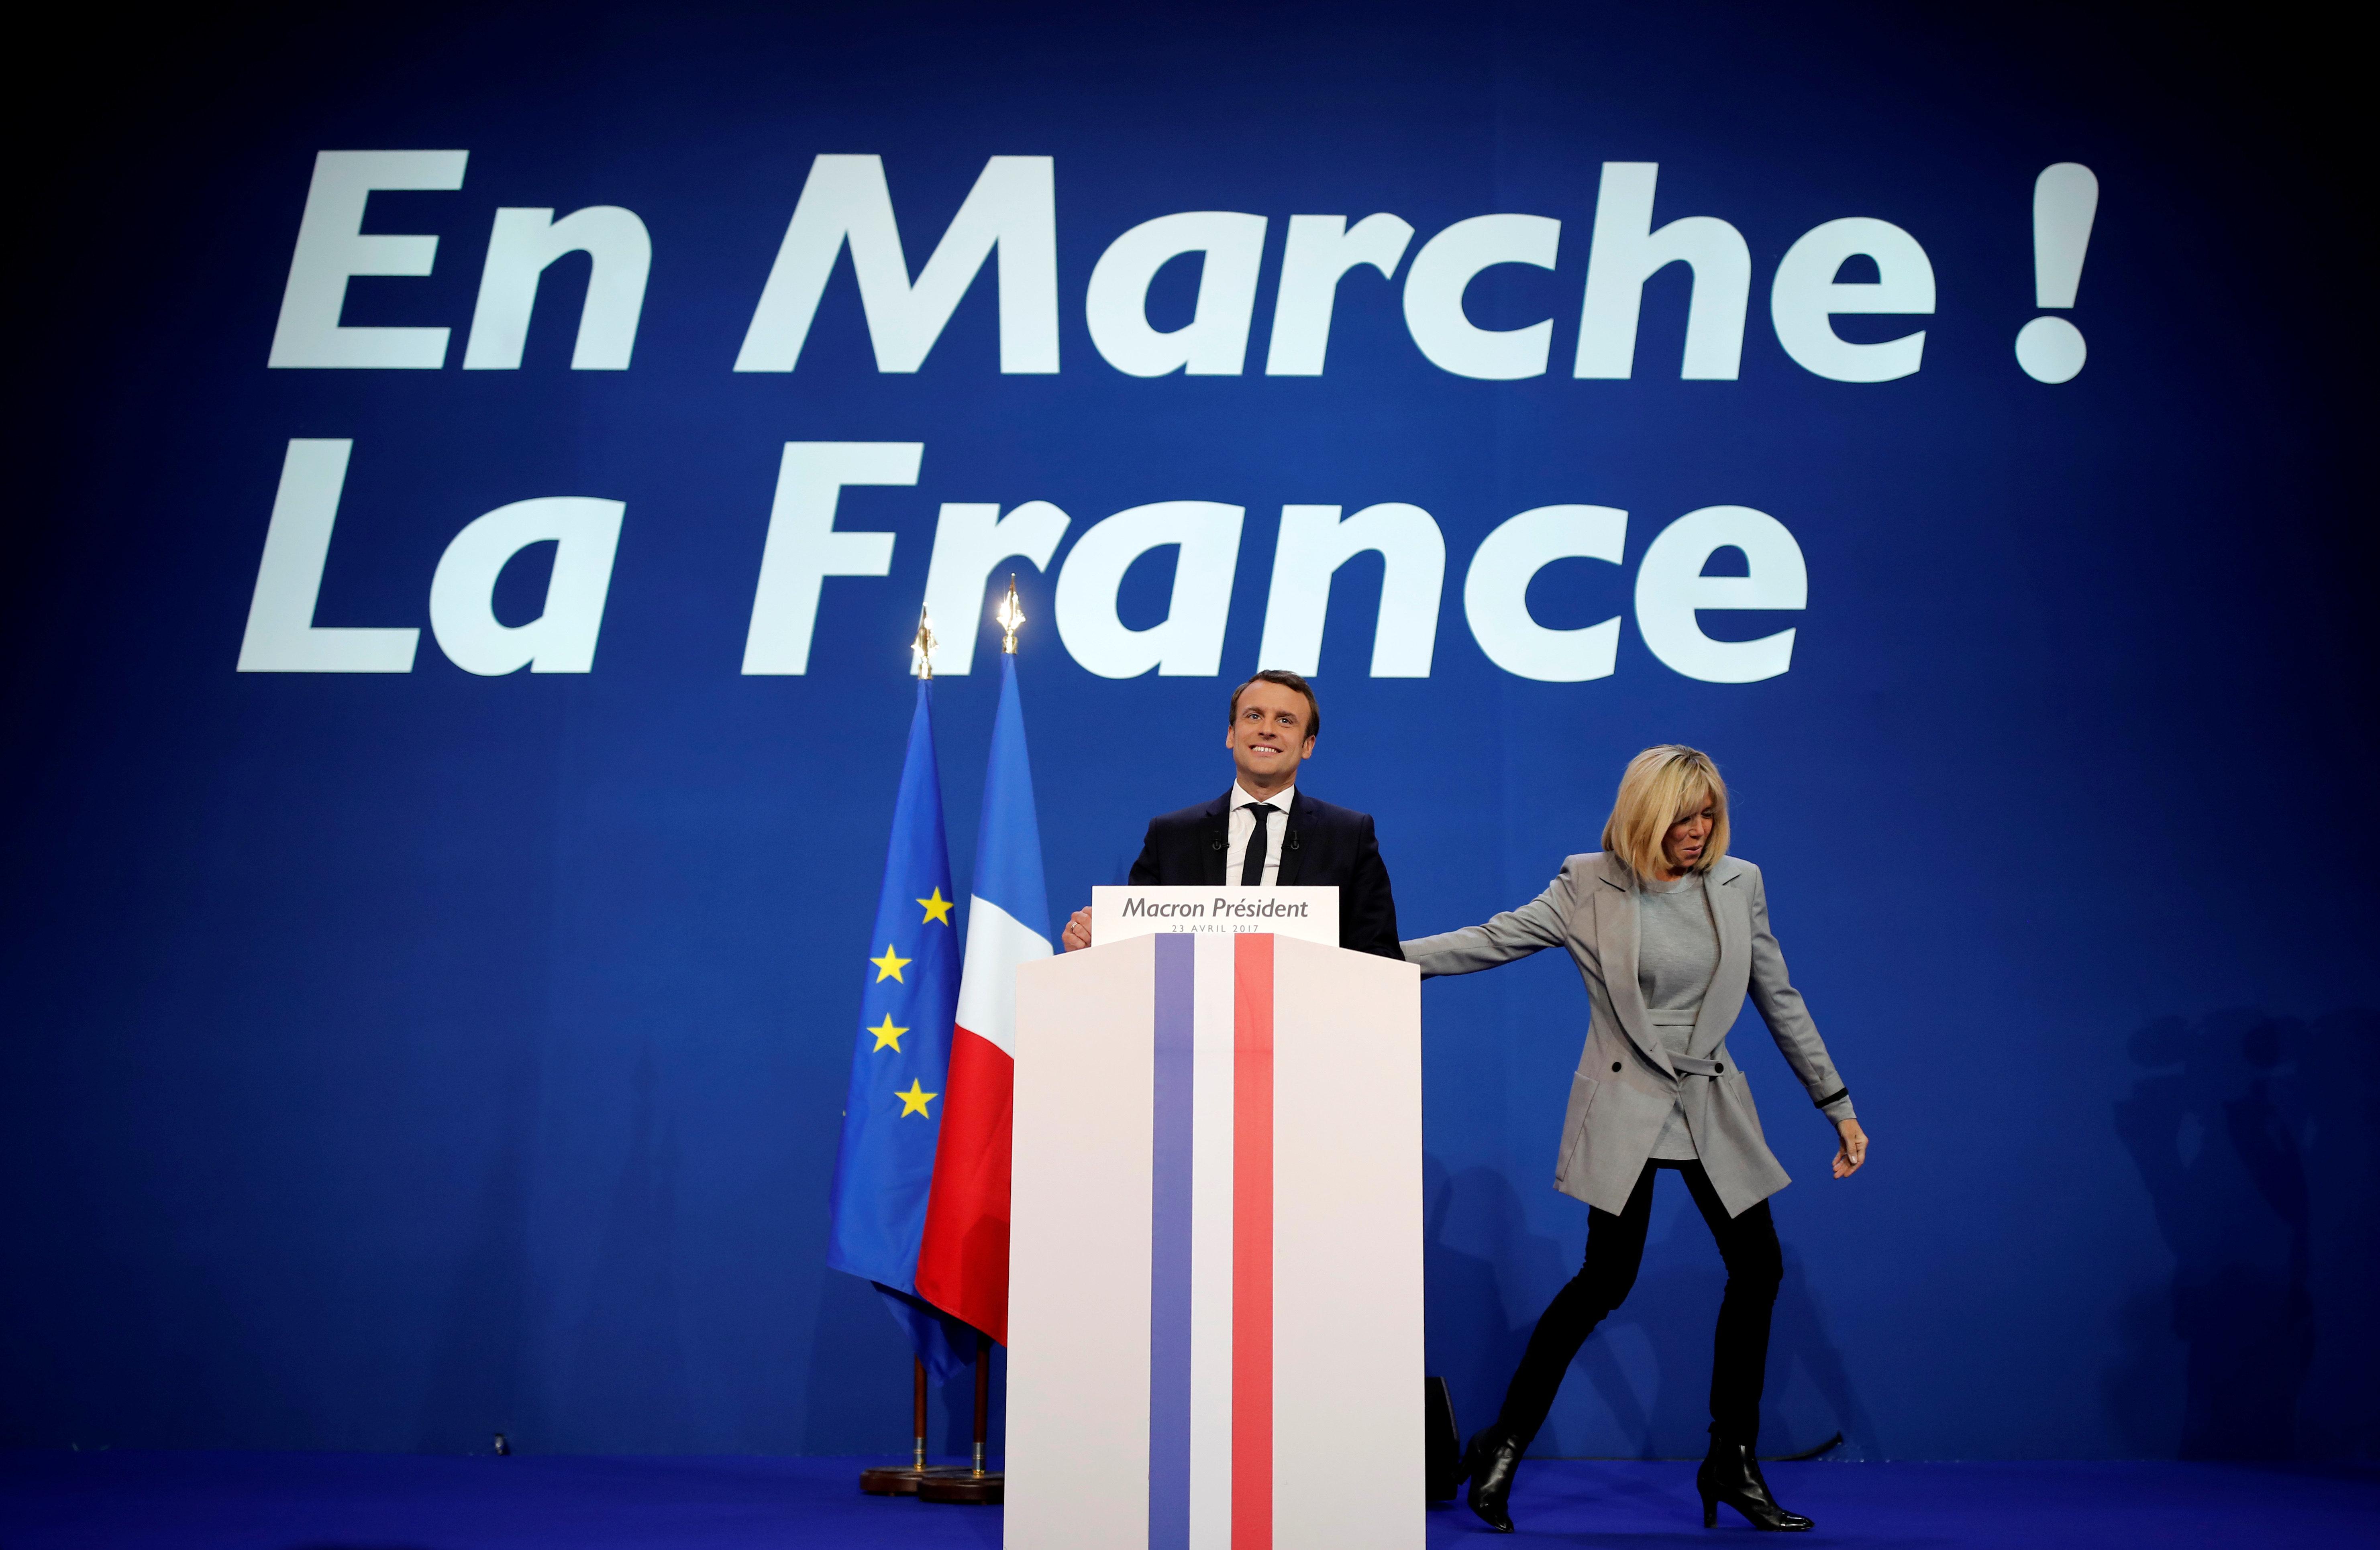 Le parti d'Emmanuel Macron visé par la justice pour des dons perçus en